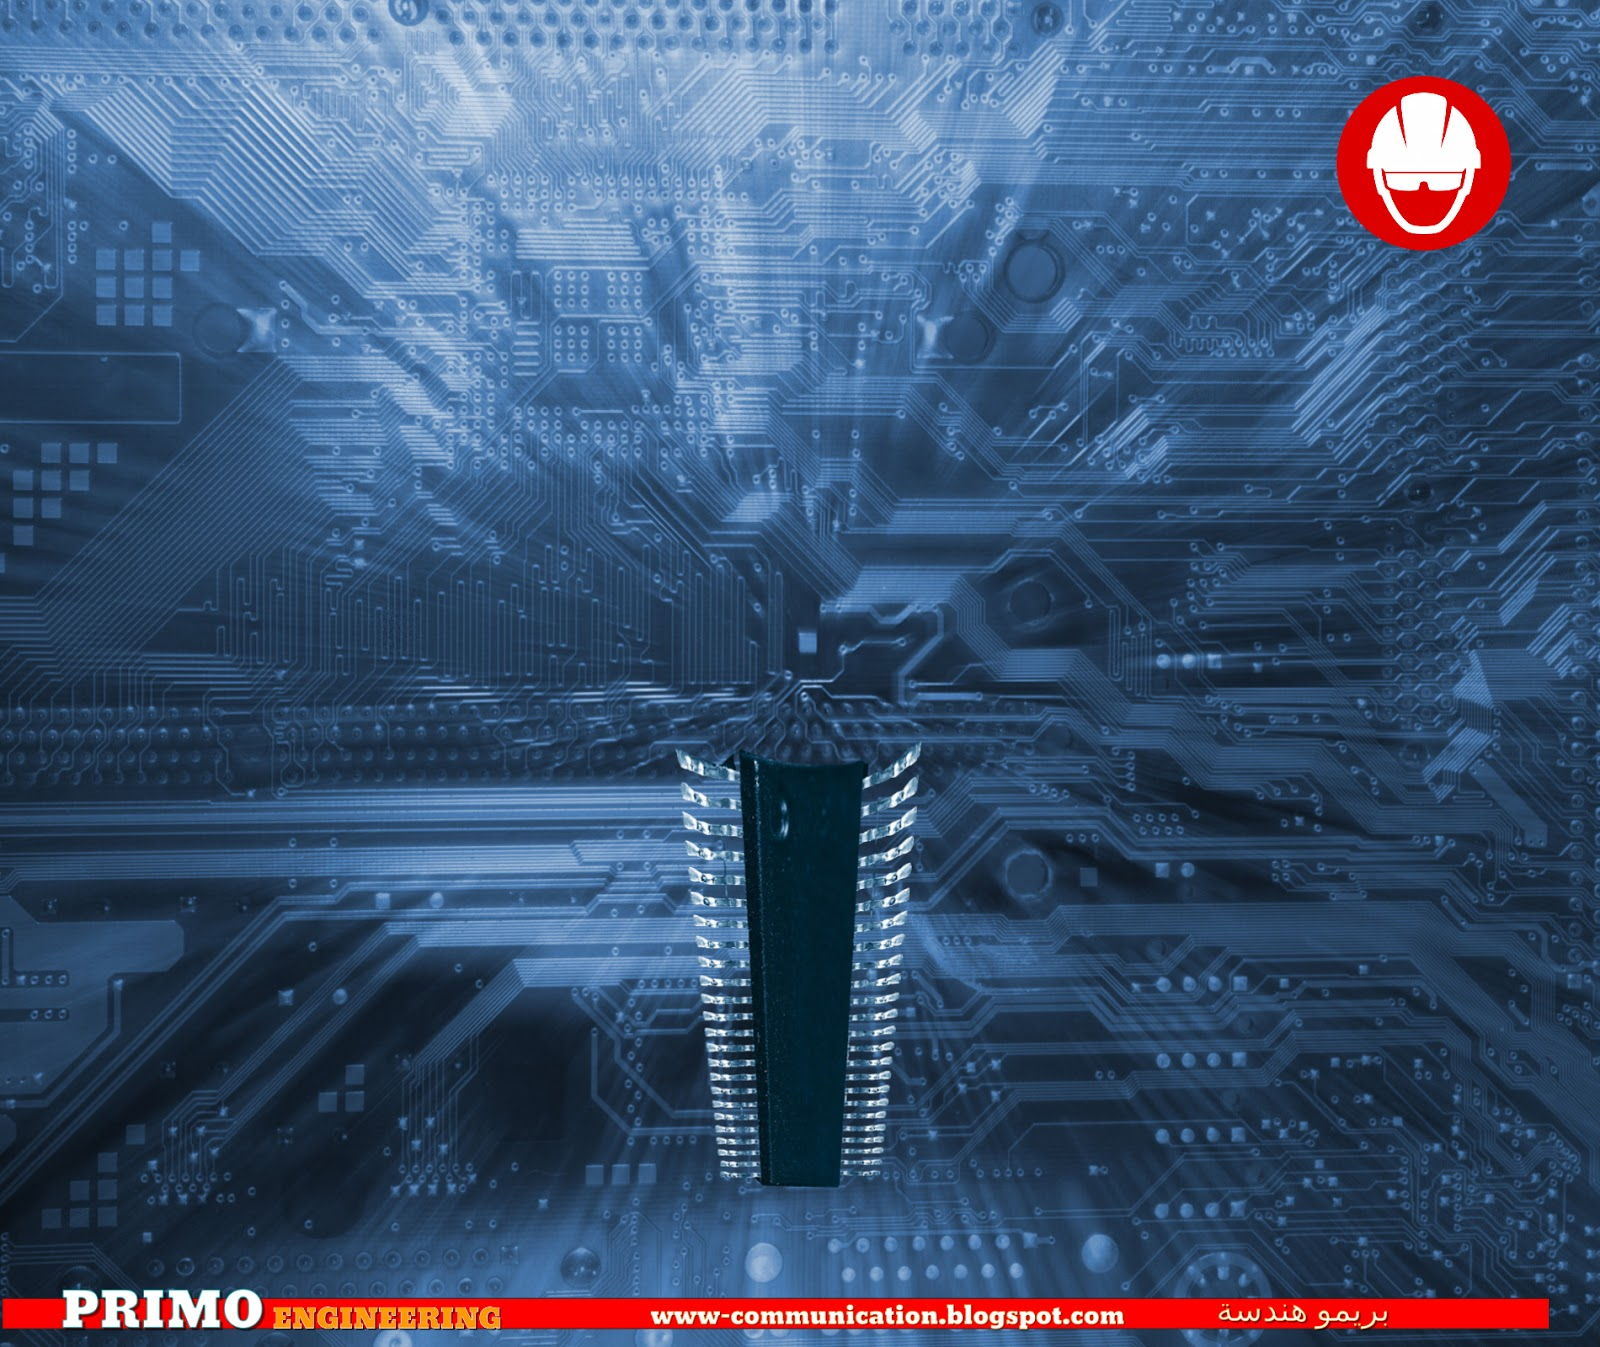 لوجو وخلفيات موقع بريمو هندسة |صور هندسية | هندسة كهربائية